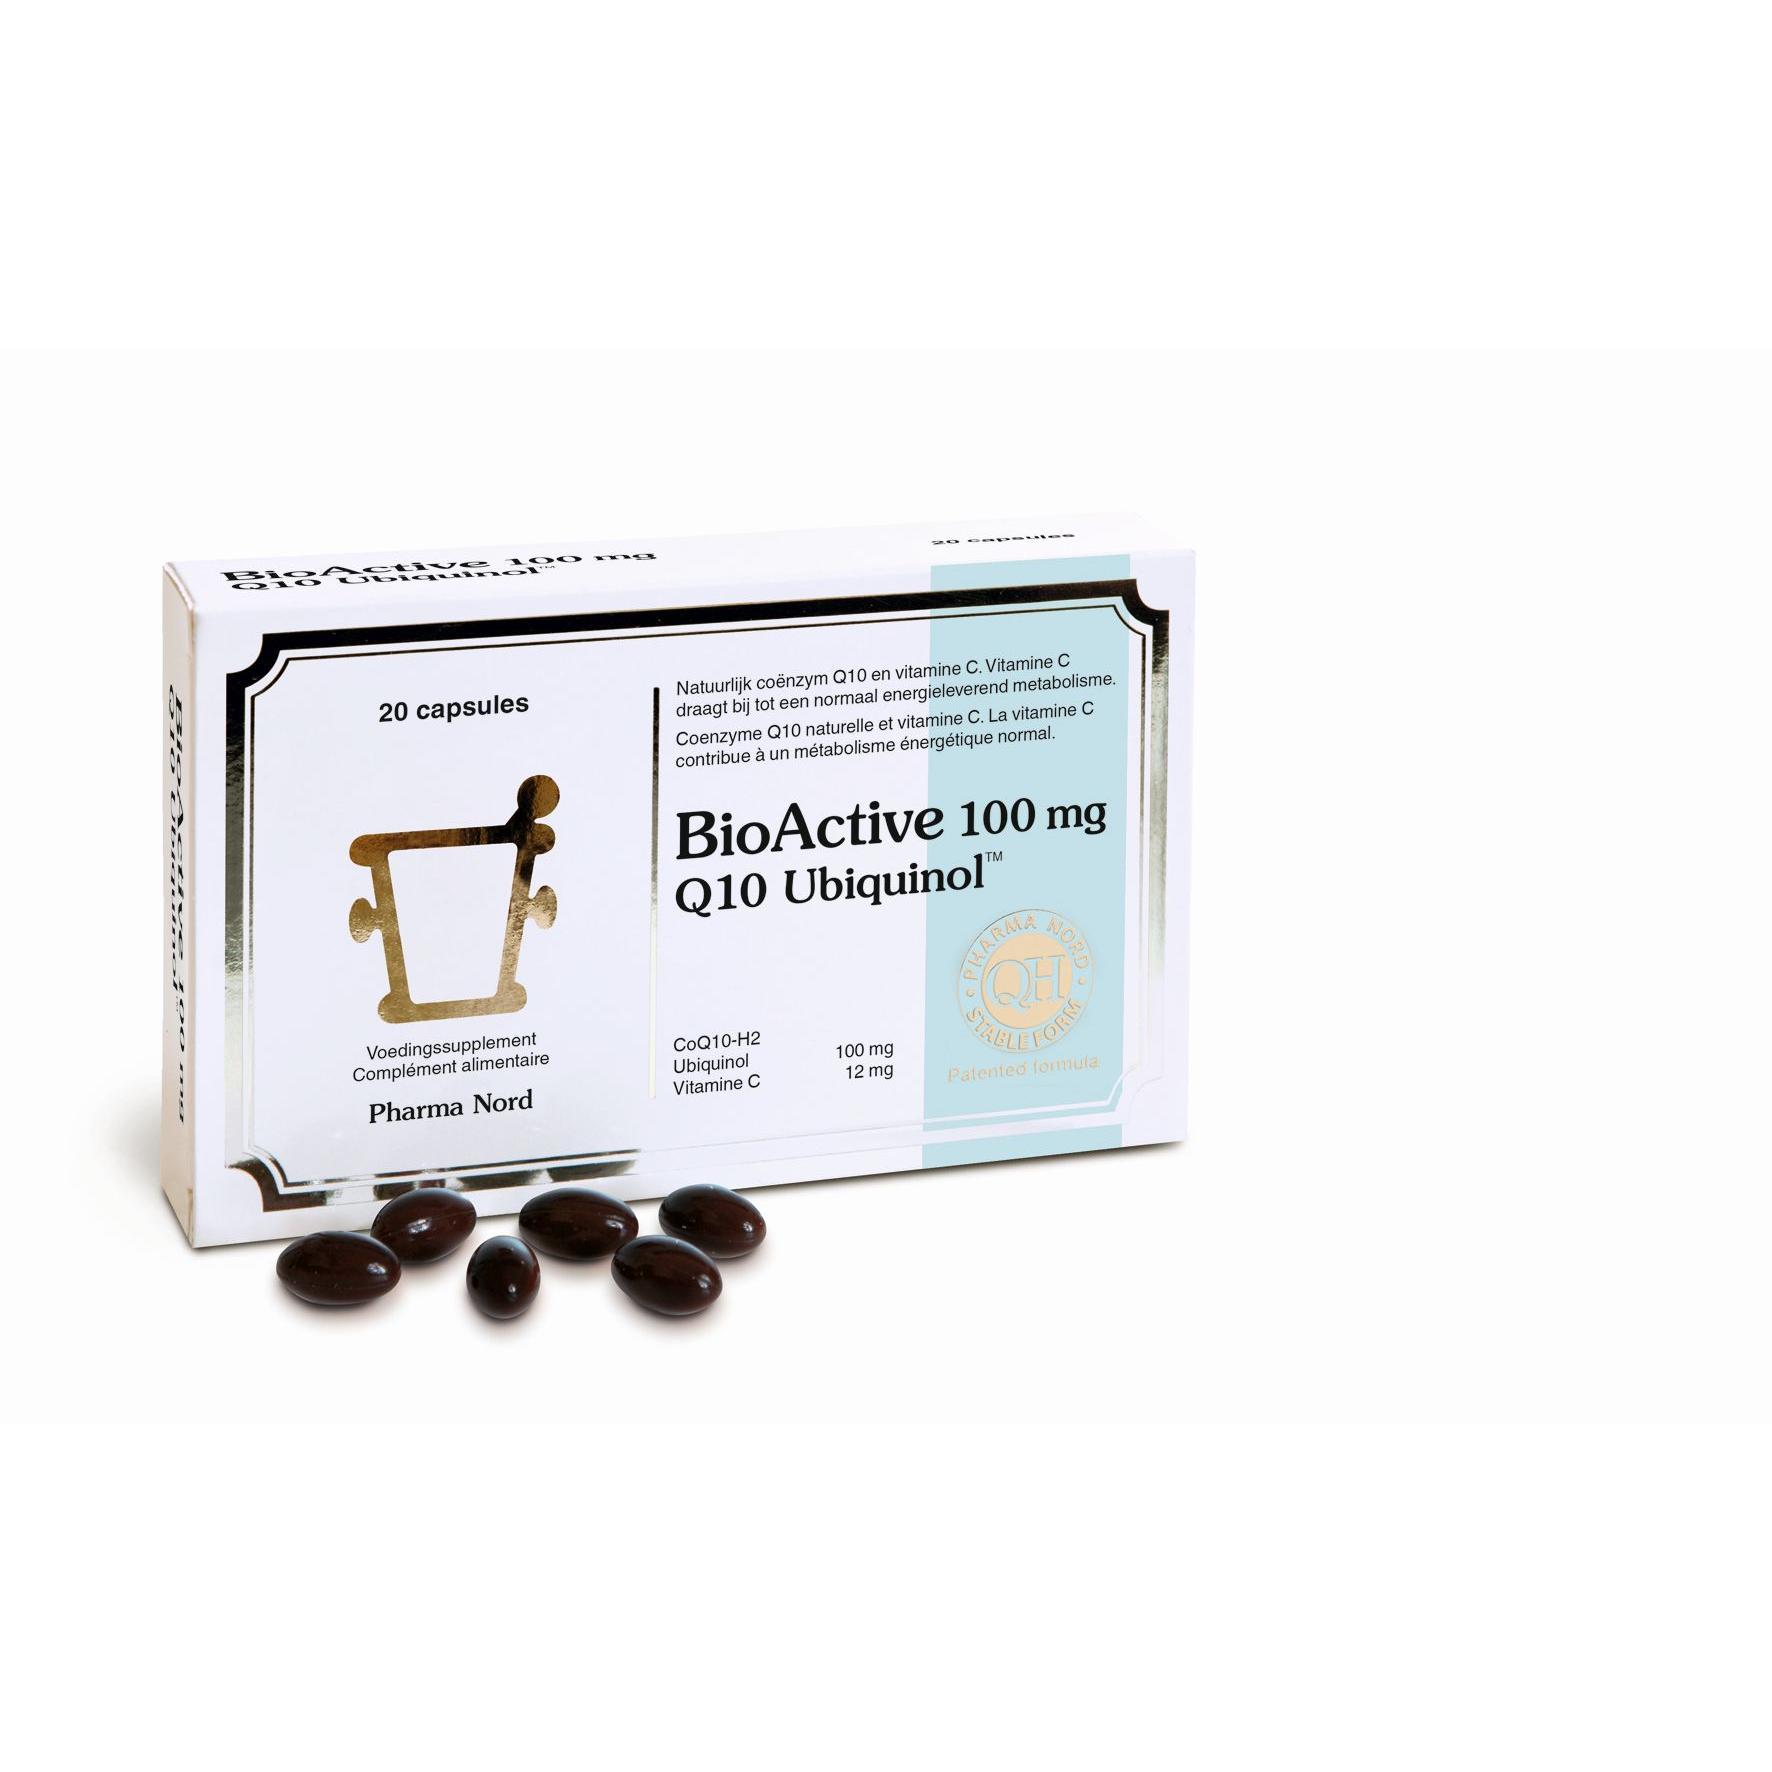 Image of BioActive Q10 100mg Pharma Nord